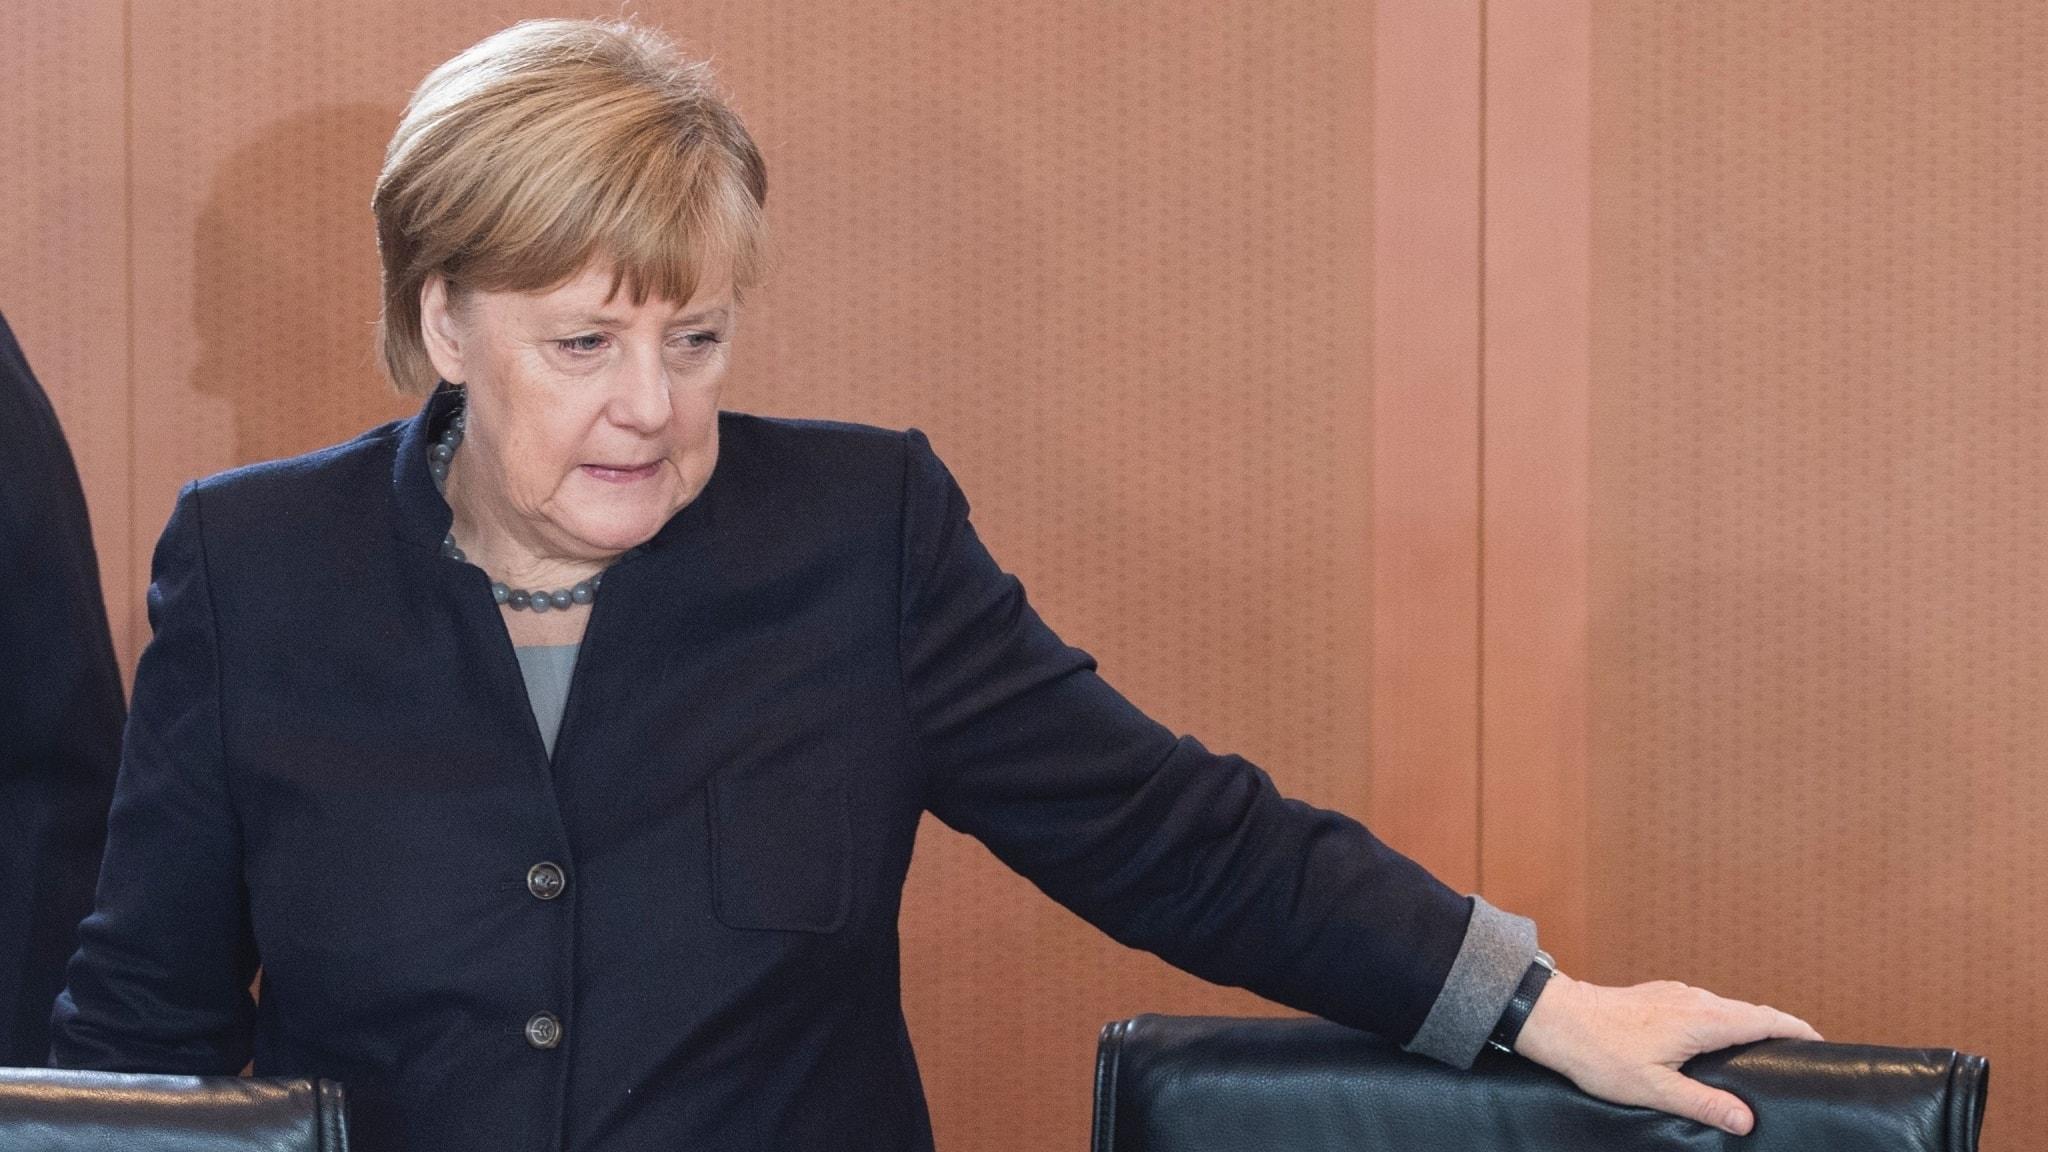 Tysklands förbundskansler Angela Merkel är pressad efter flyktingkrisen.